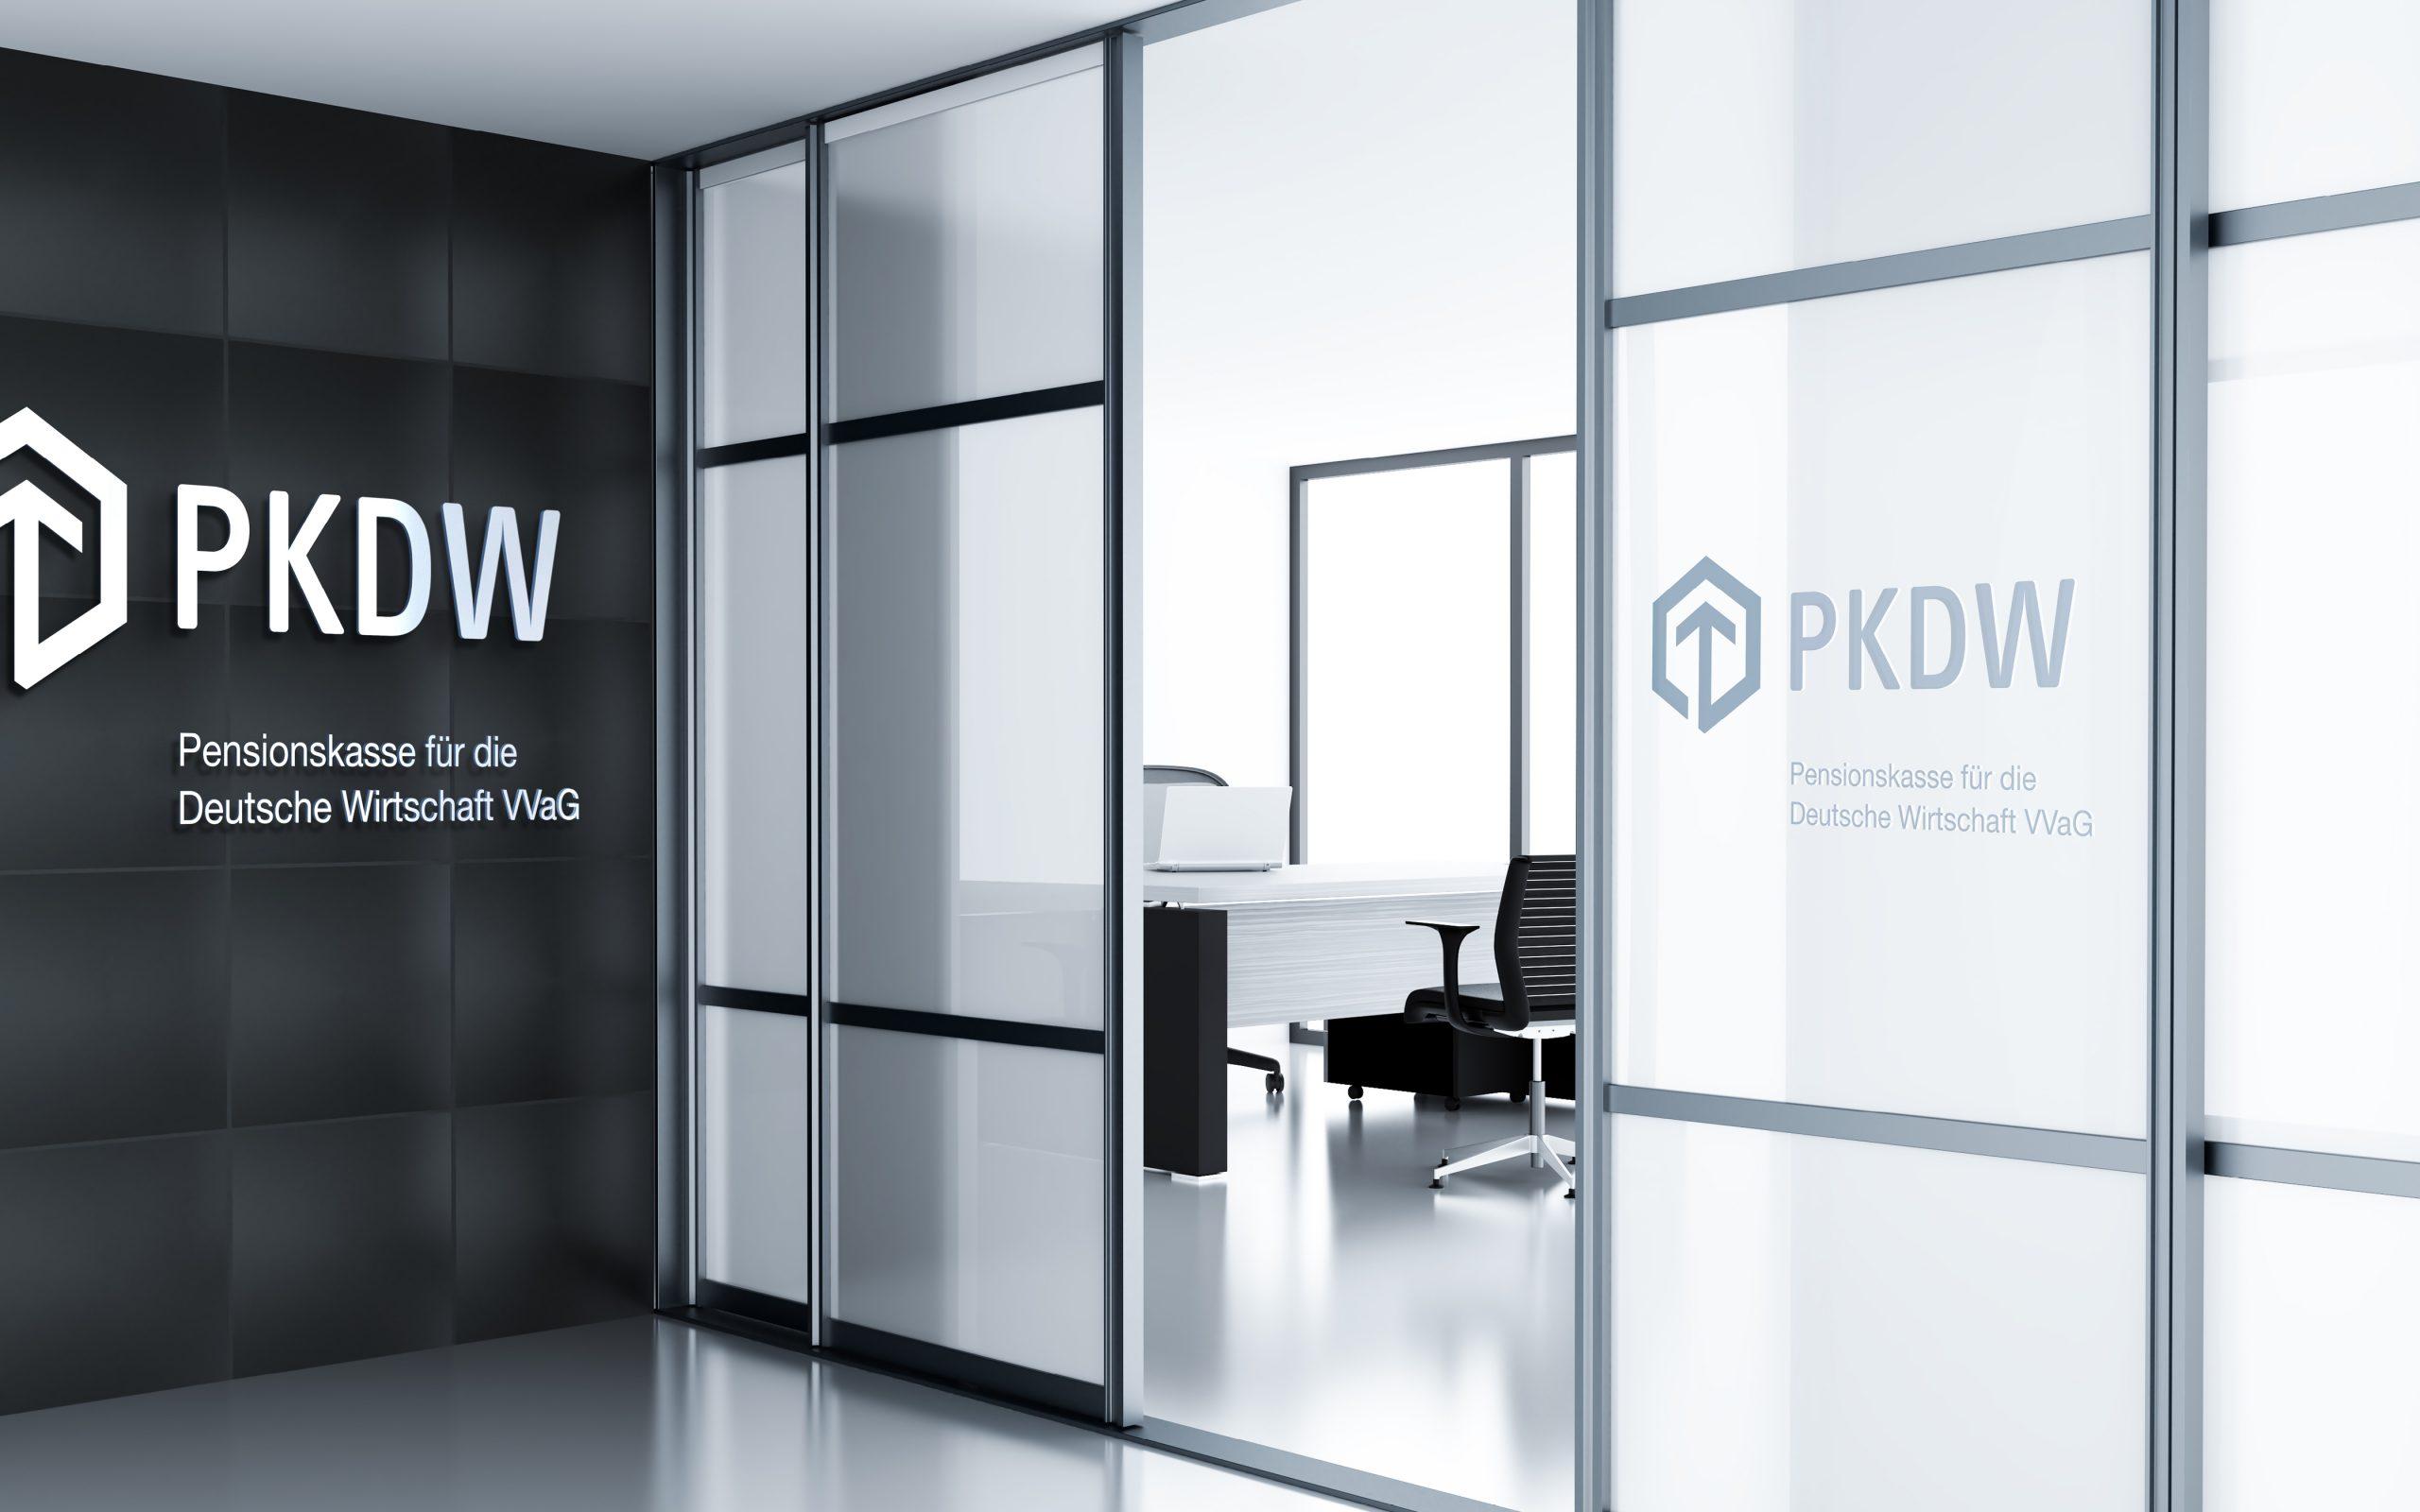 PKDW: Logo-Entwicklung von Bosbach, Key Visual